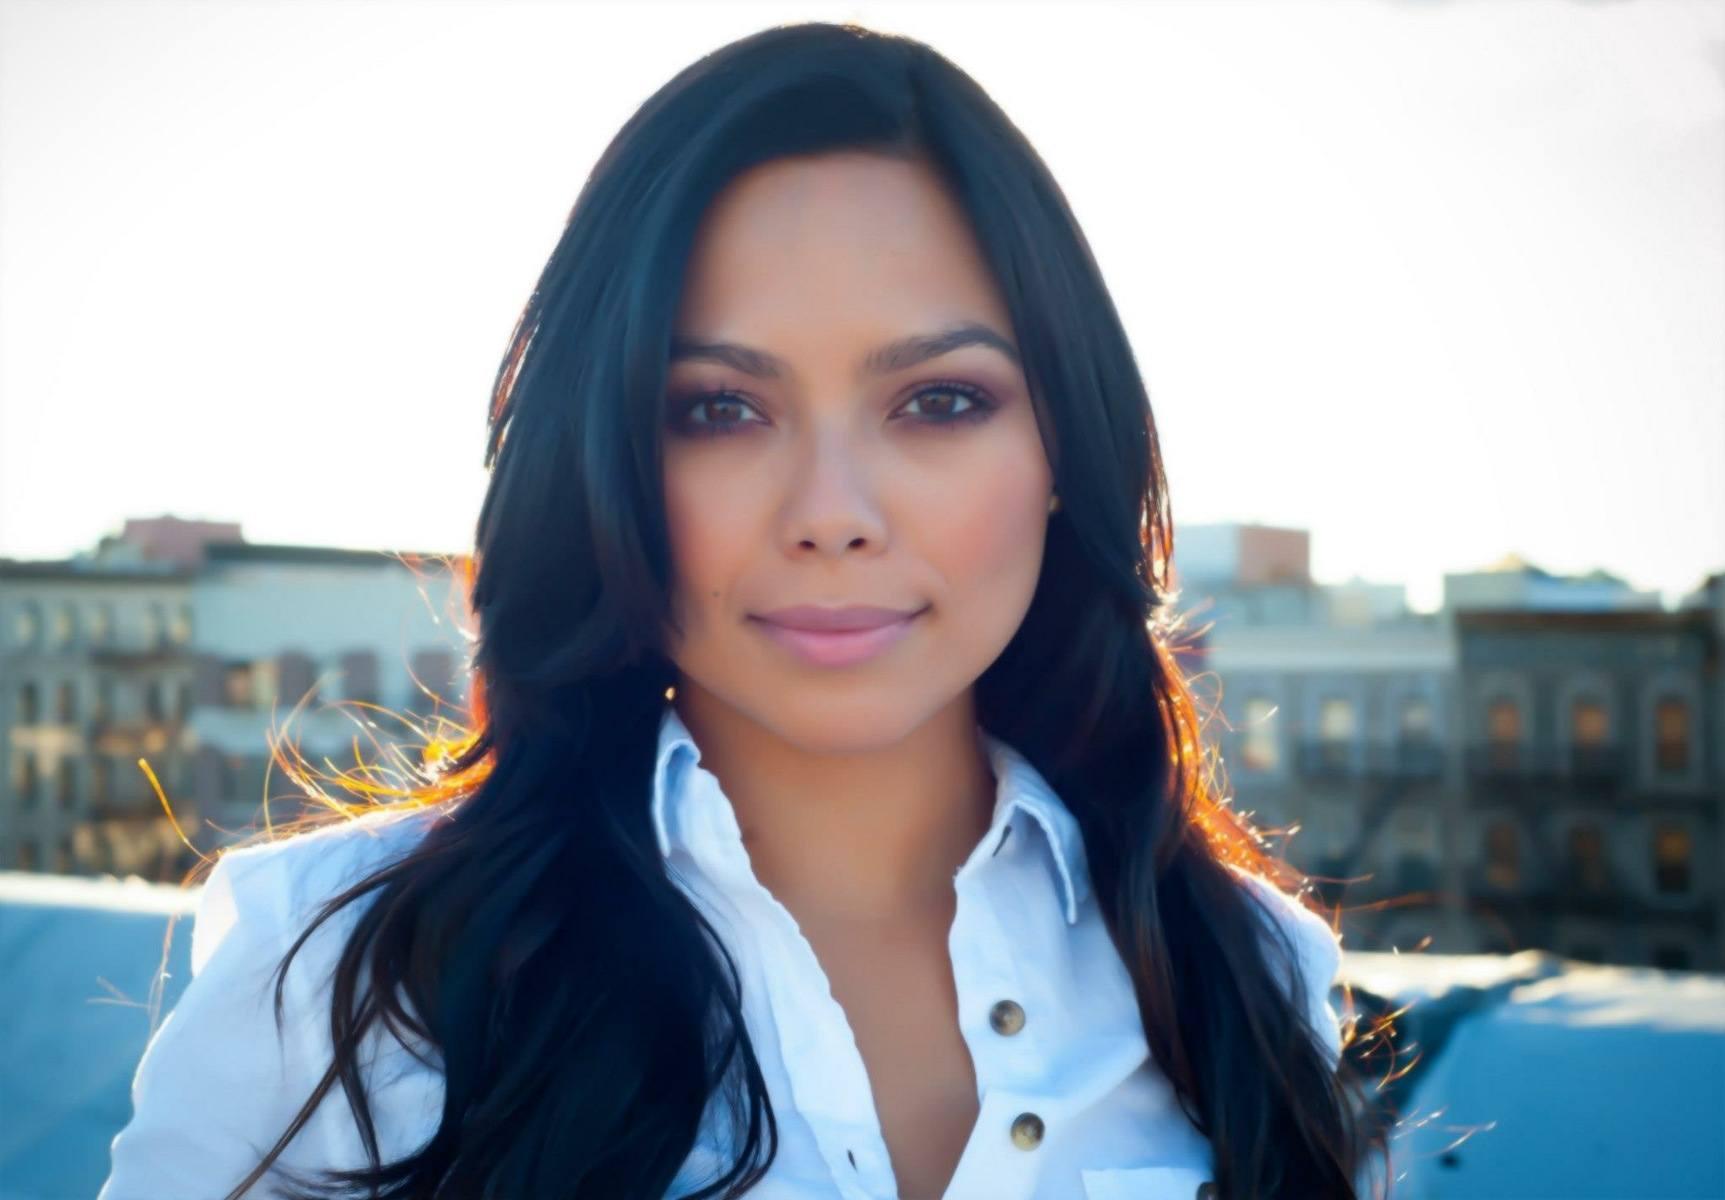 Diana Lee Santamaria